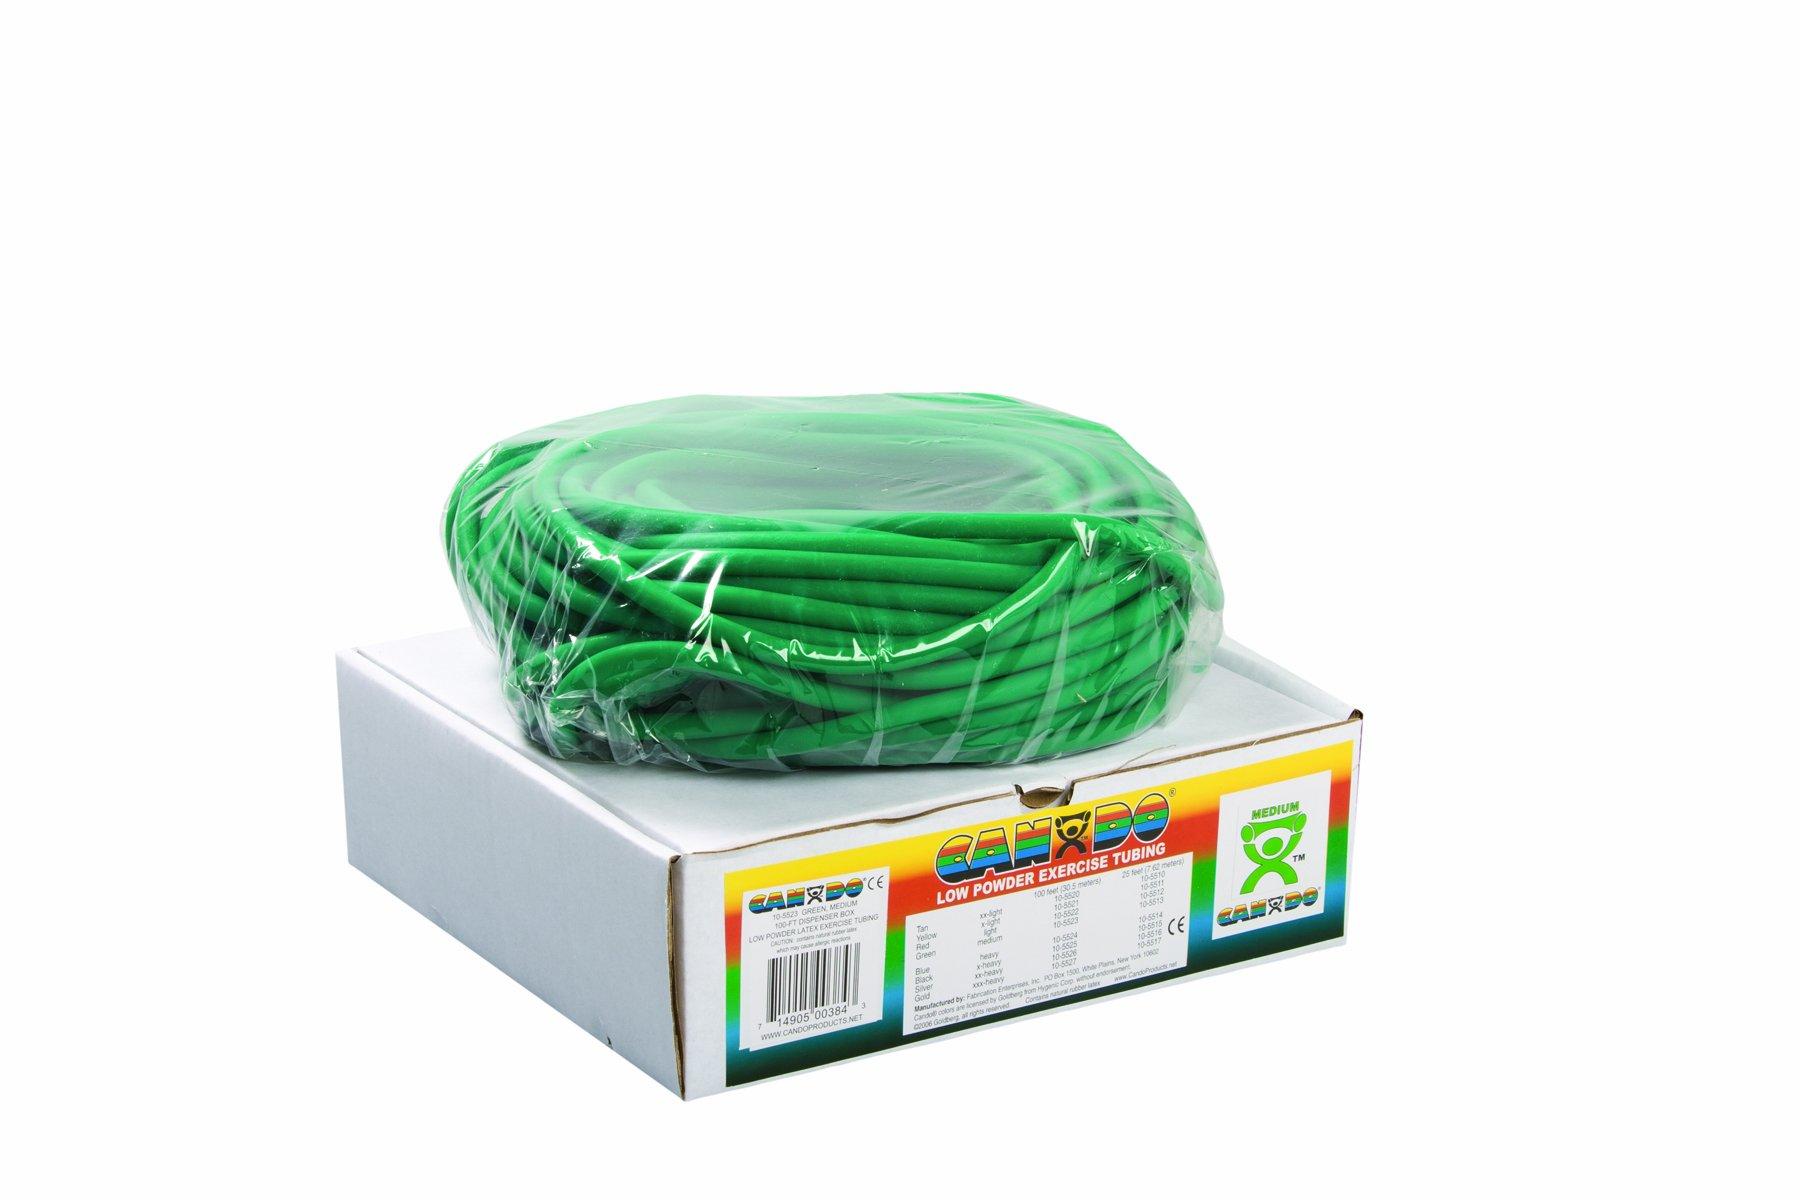 Cando 10-5523 Green Exercise Tubing, Medium Resistance, 100' Length